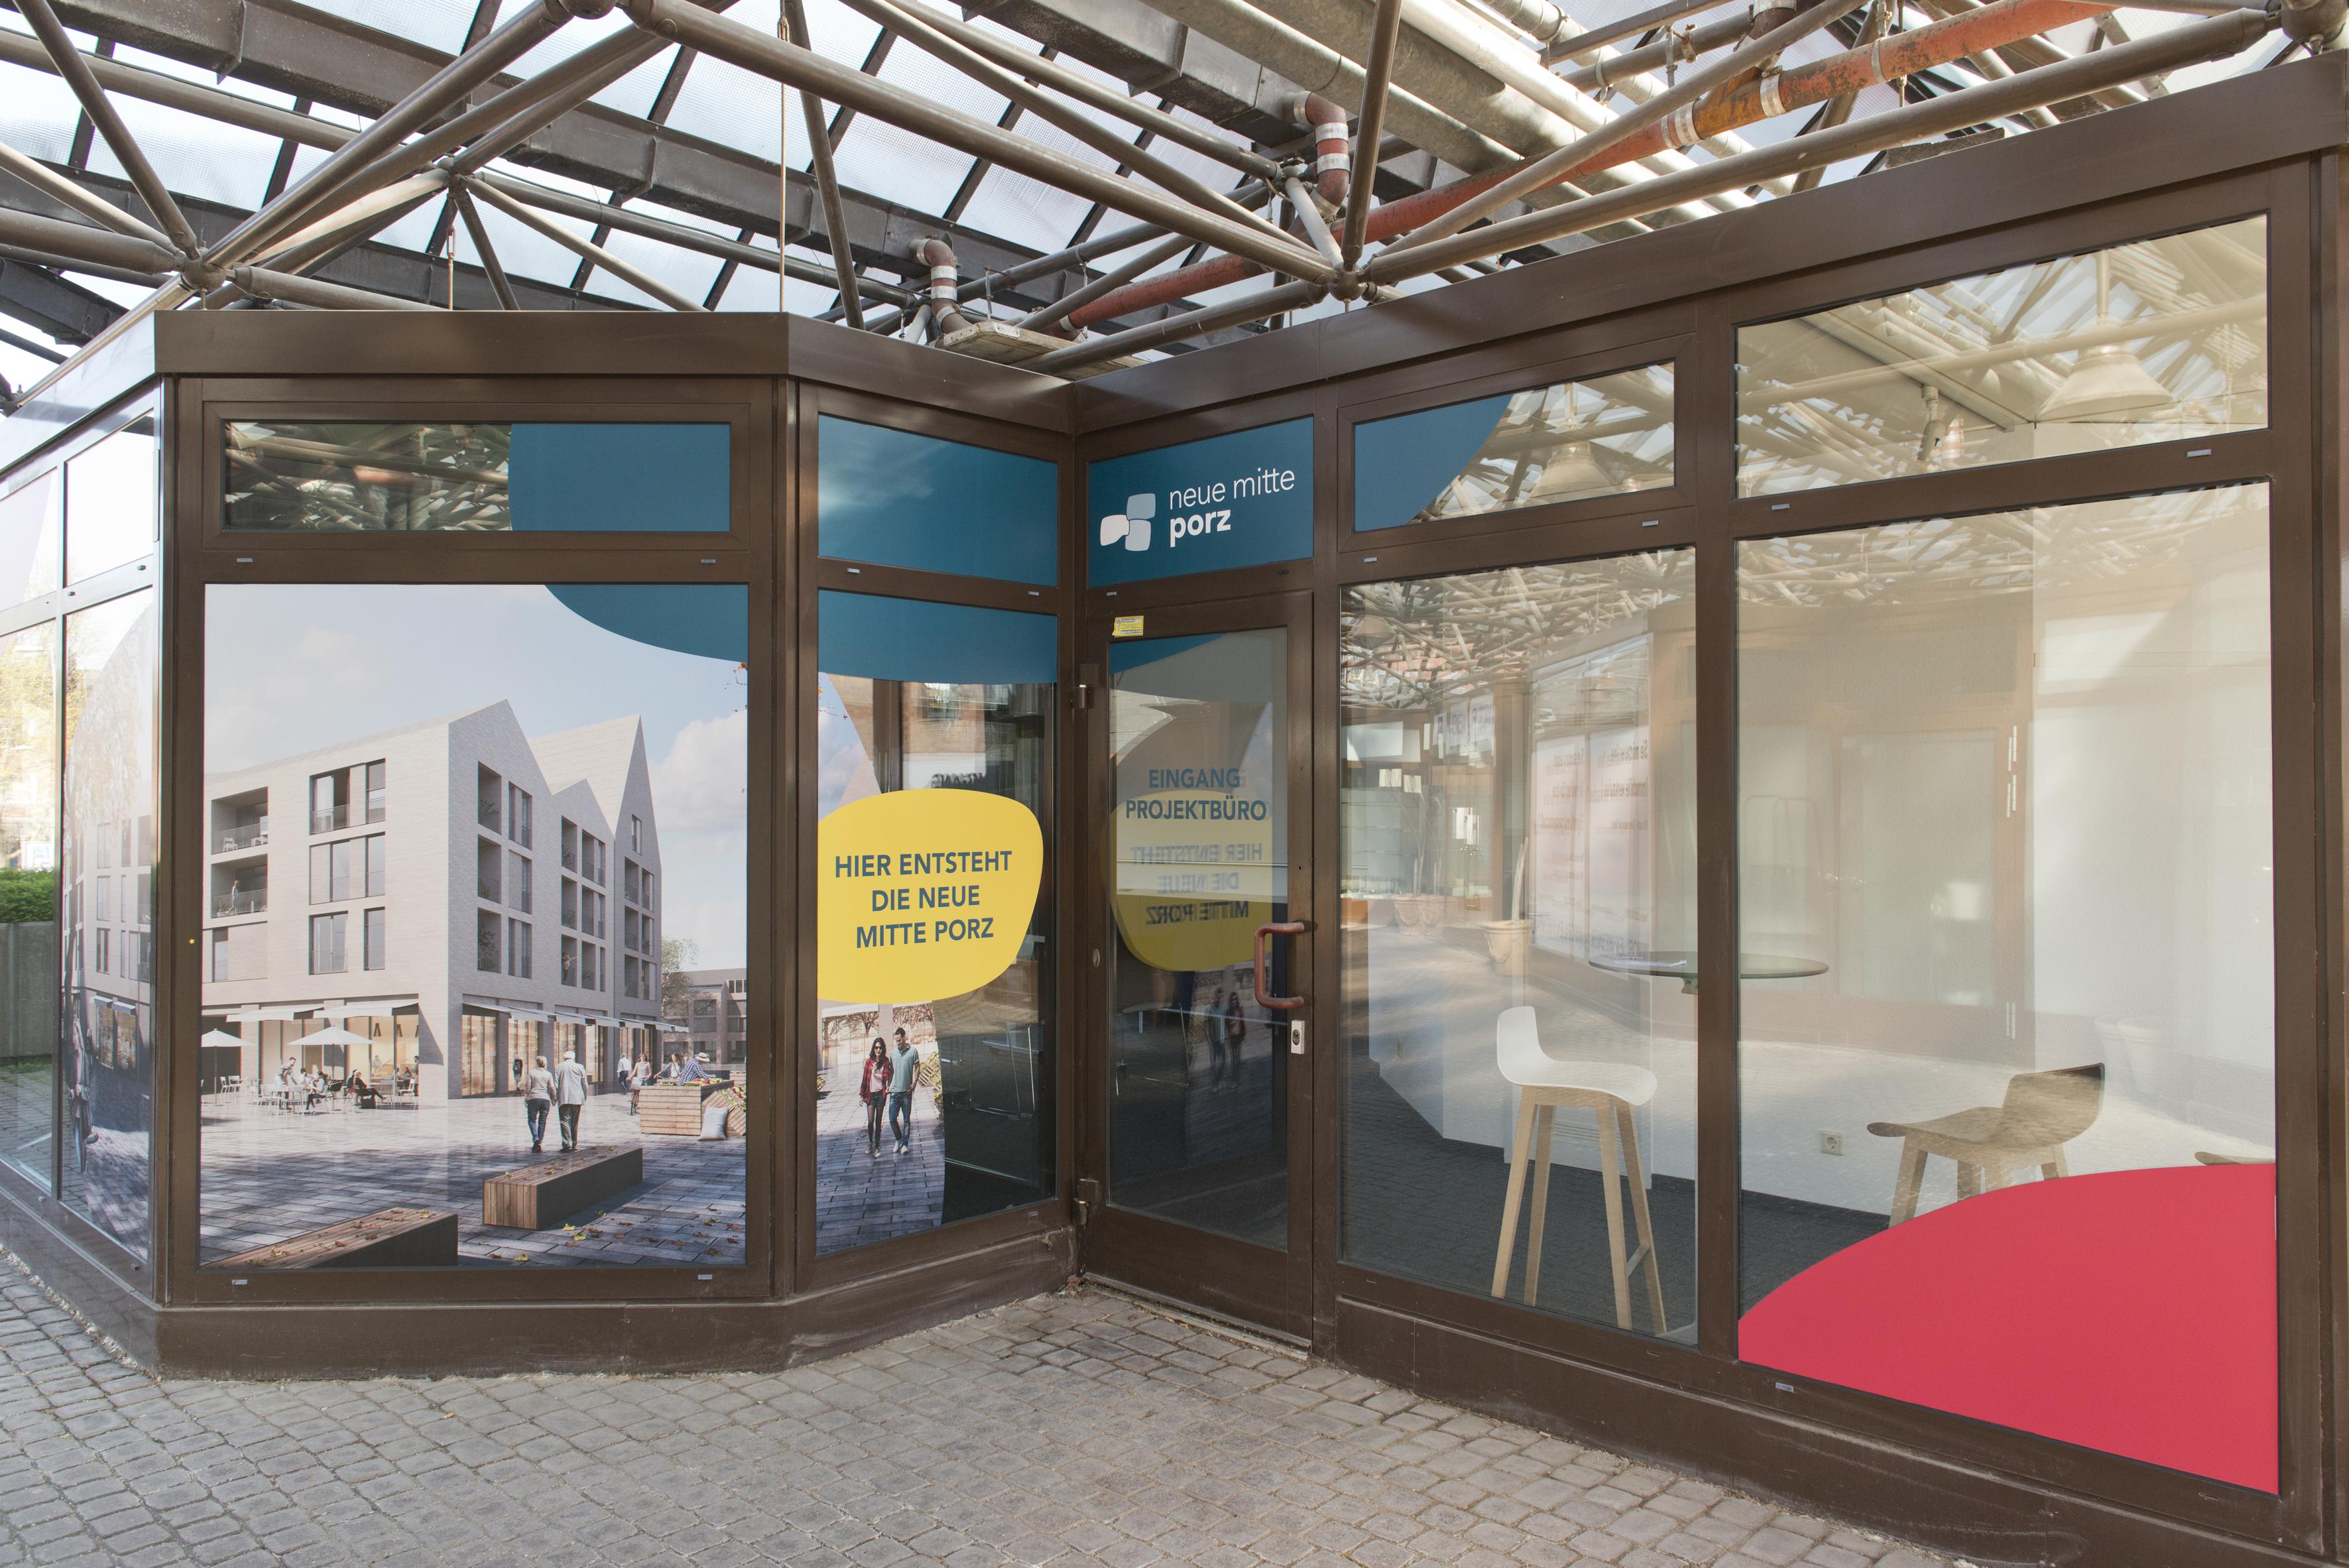 Das neue Projektbüro der Neuen Mitte Porz befindet sich im Pavillon auf der Fußgängerbrücke. © Daniel Poštrak